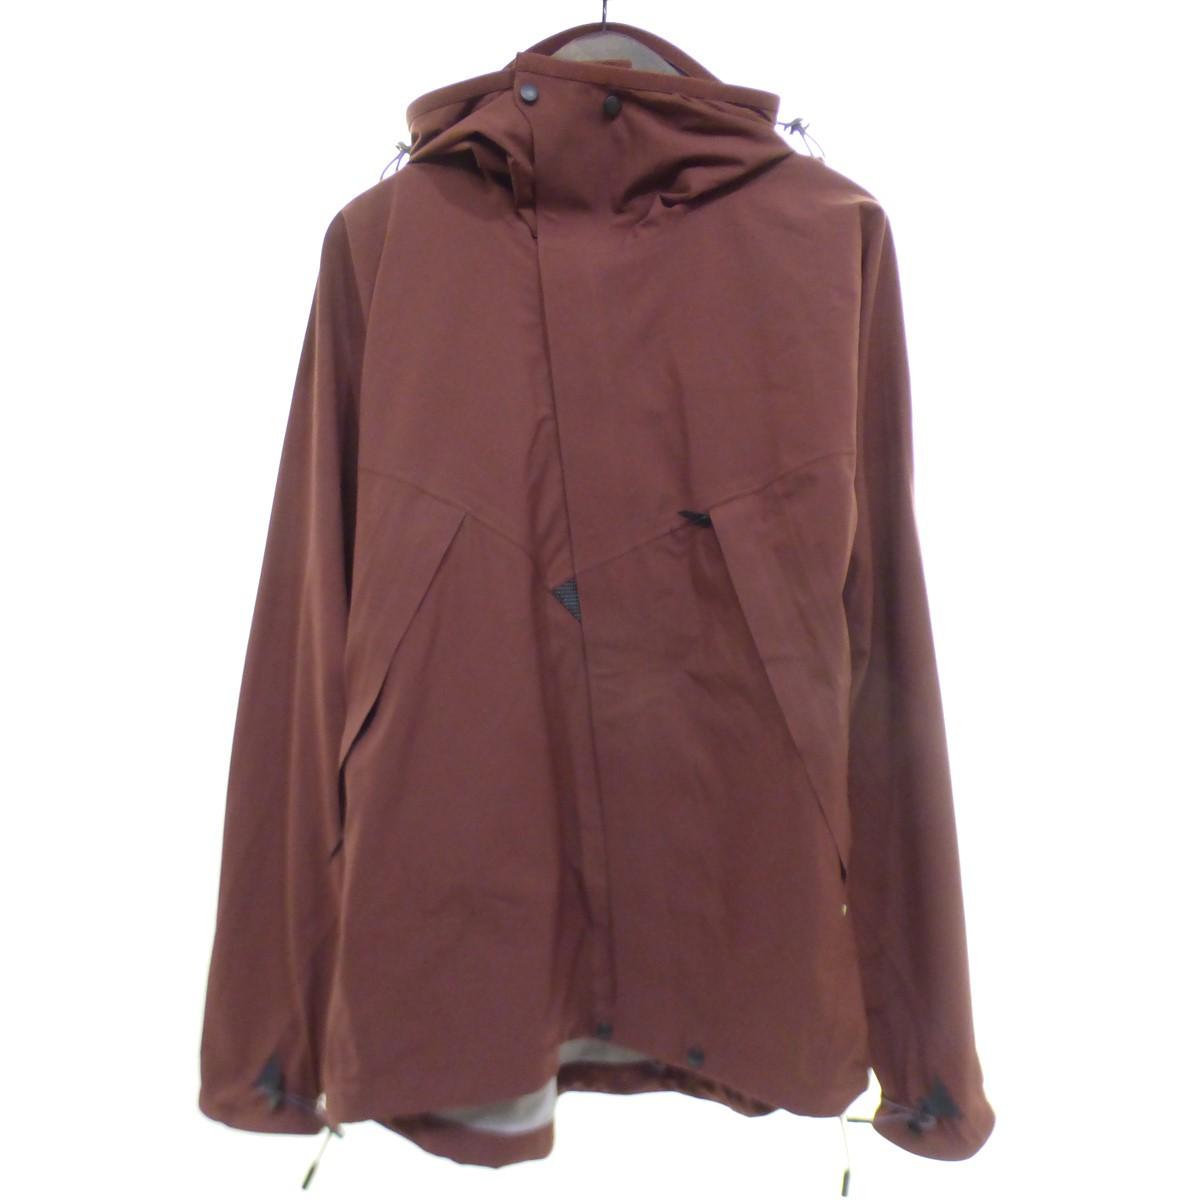 【中古】KLATTERMUSEN Allgron Jacket ナイロンマウンテンパーカー ボルドー サイズ:M 【200420】(クレッタルムーセン)